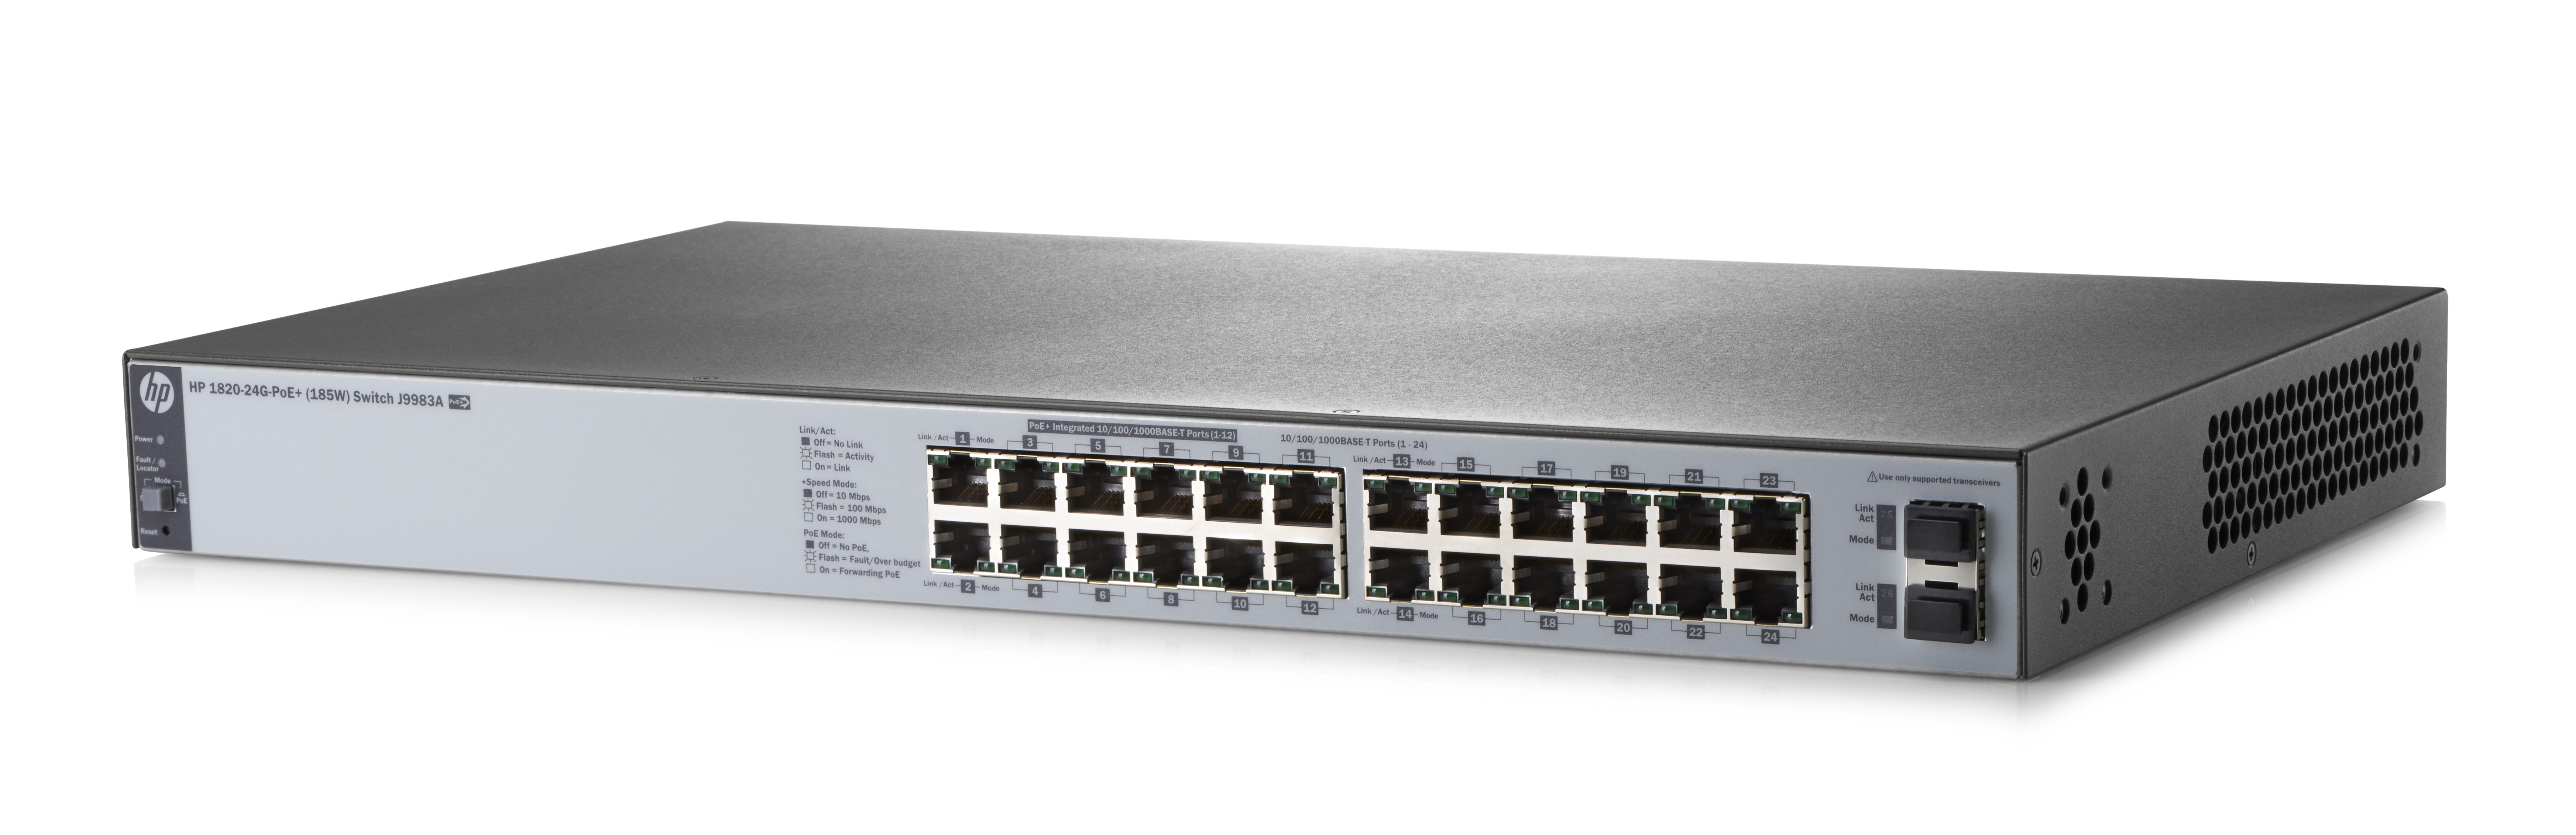 HPE SWITCH 1820-24G  30W 24 P. LAN RJ-45 10/100/1000 MBPS